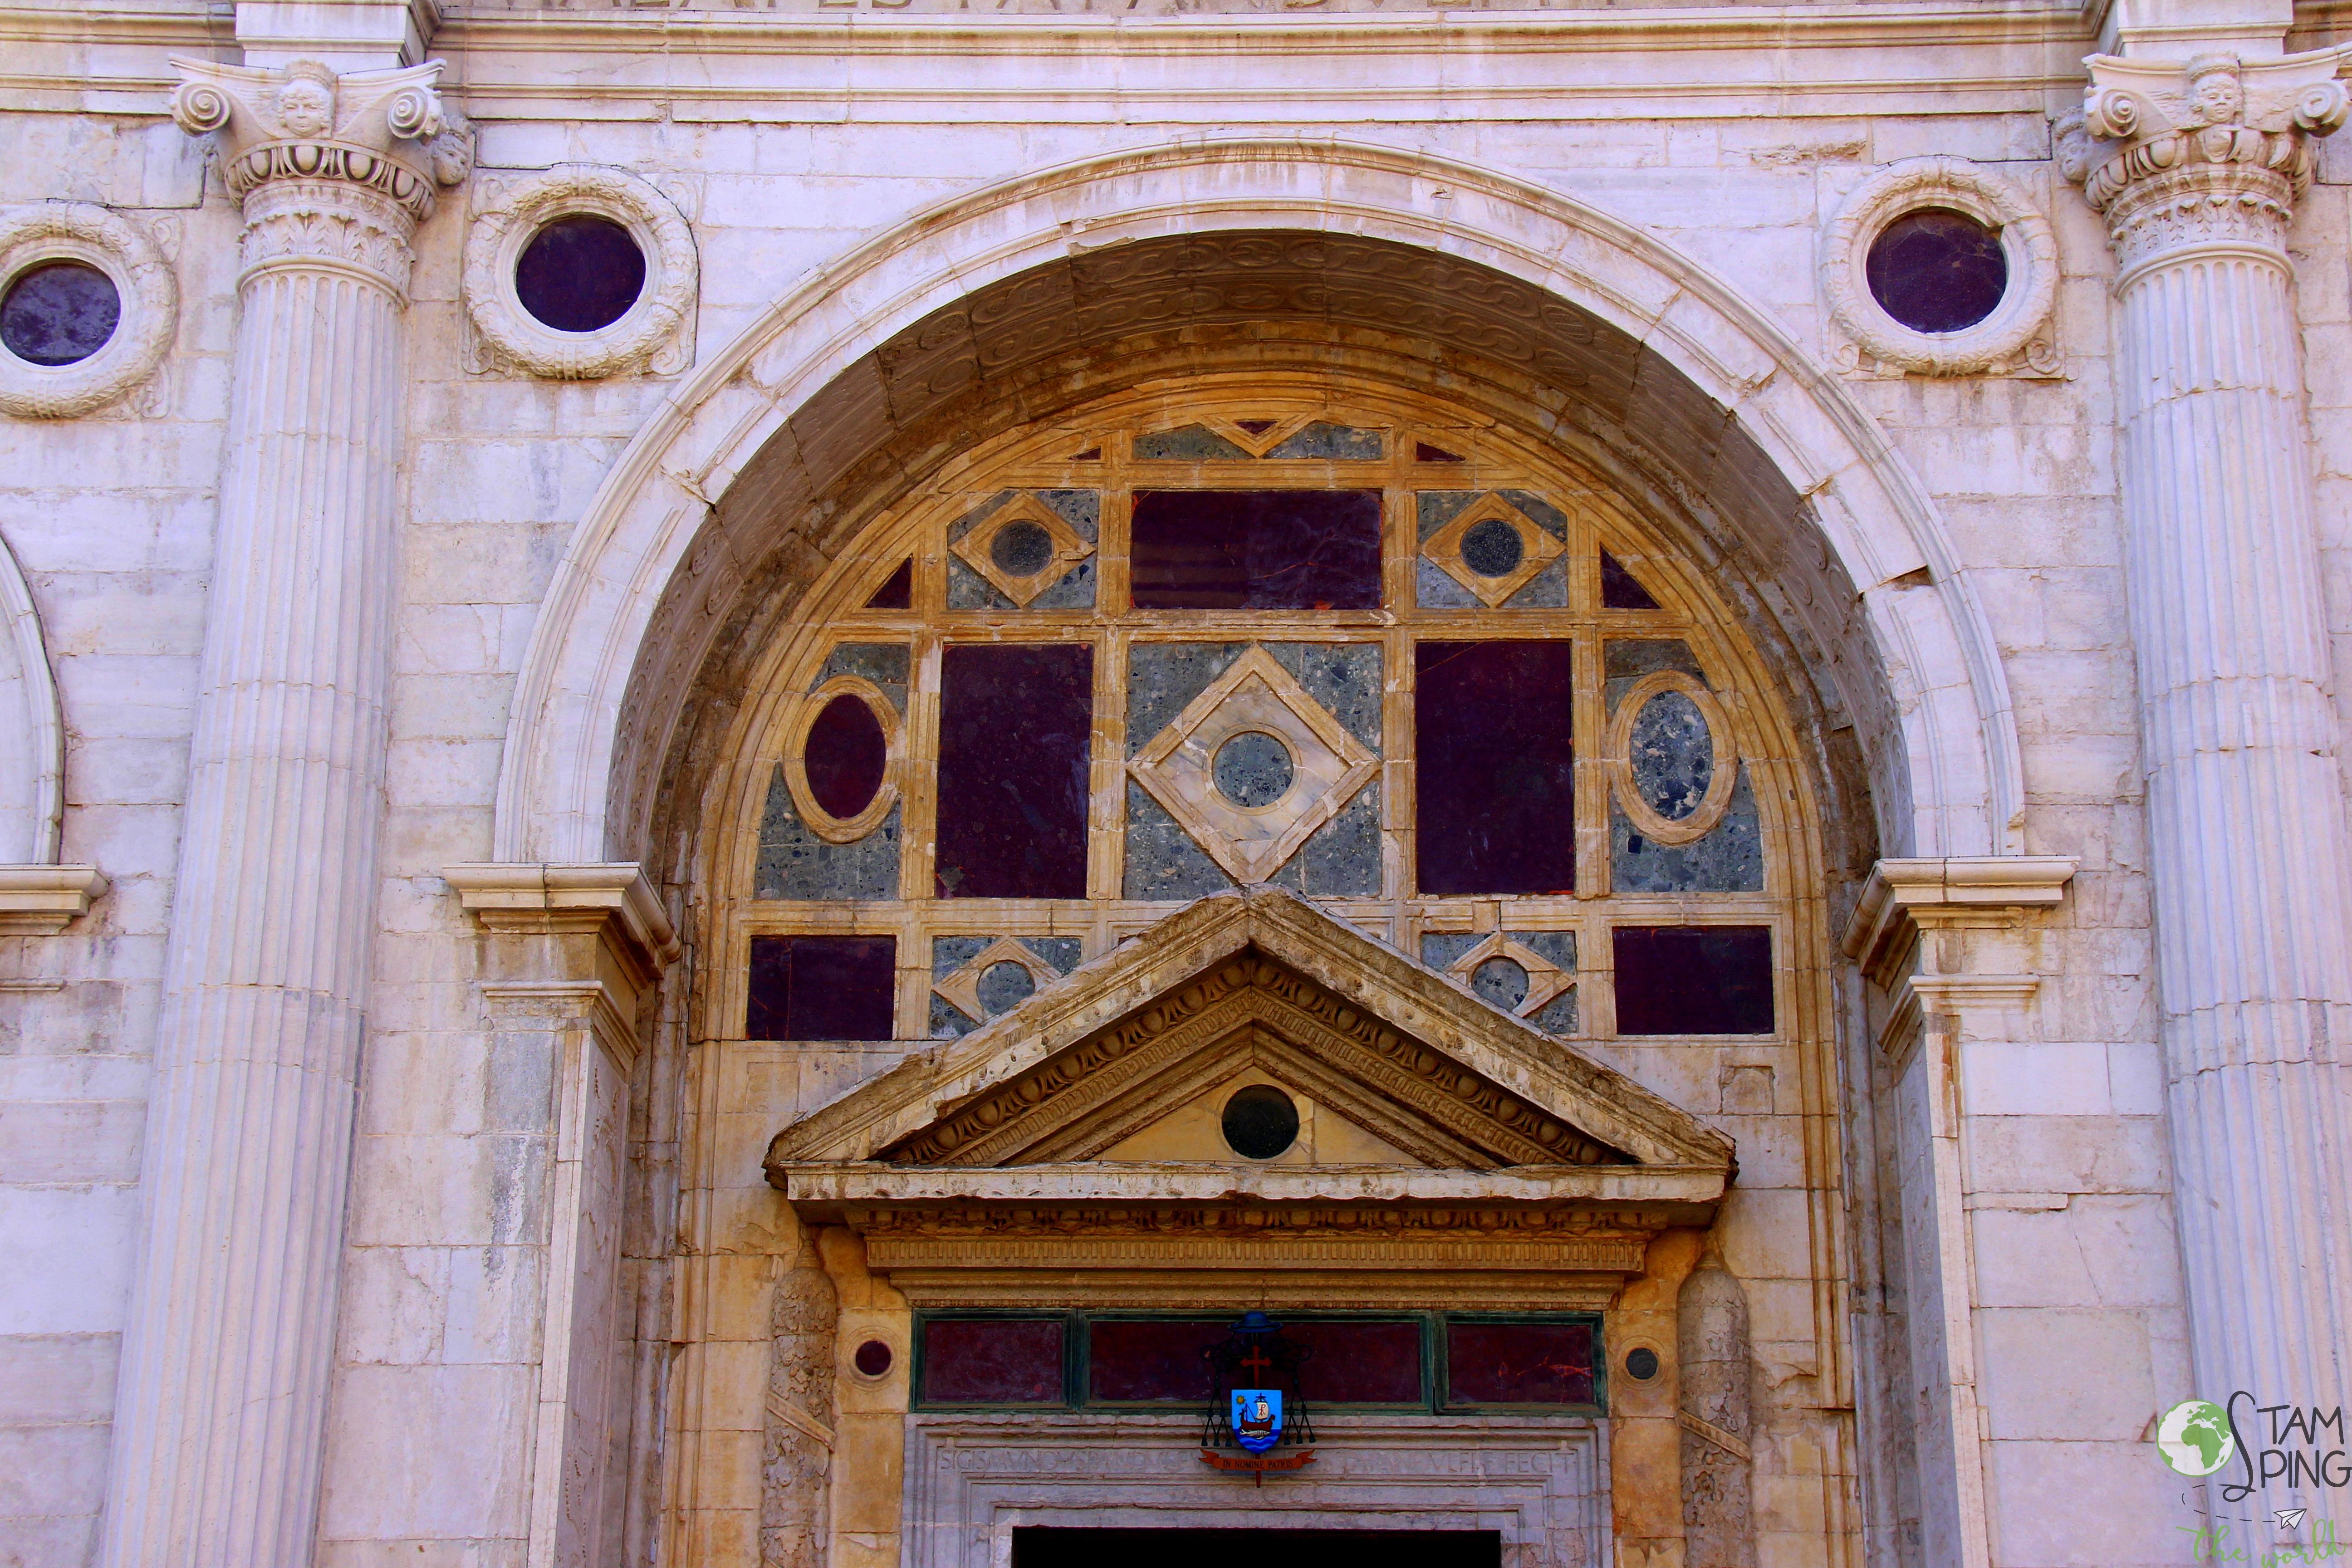 Tempio Malatestiano - Cosa vedere a Rimini